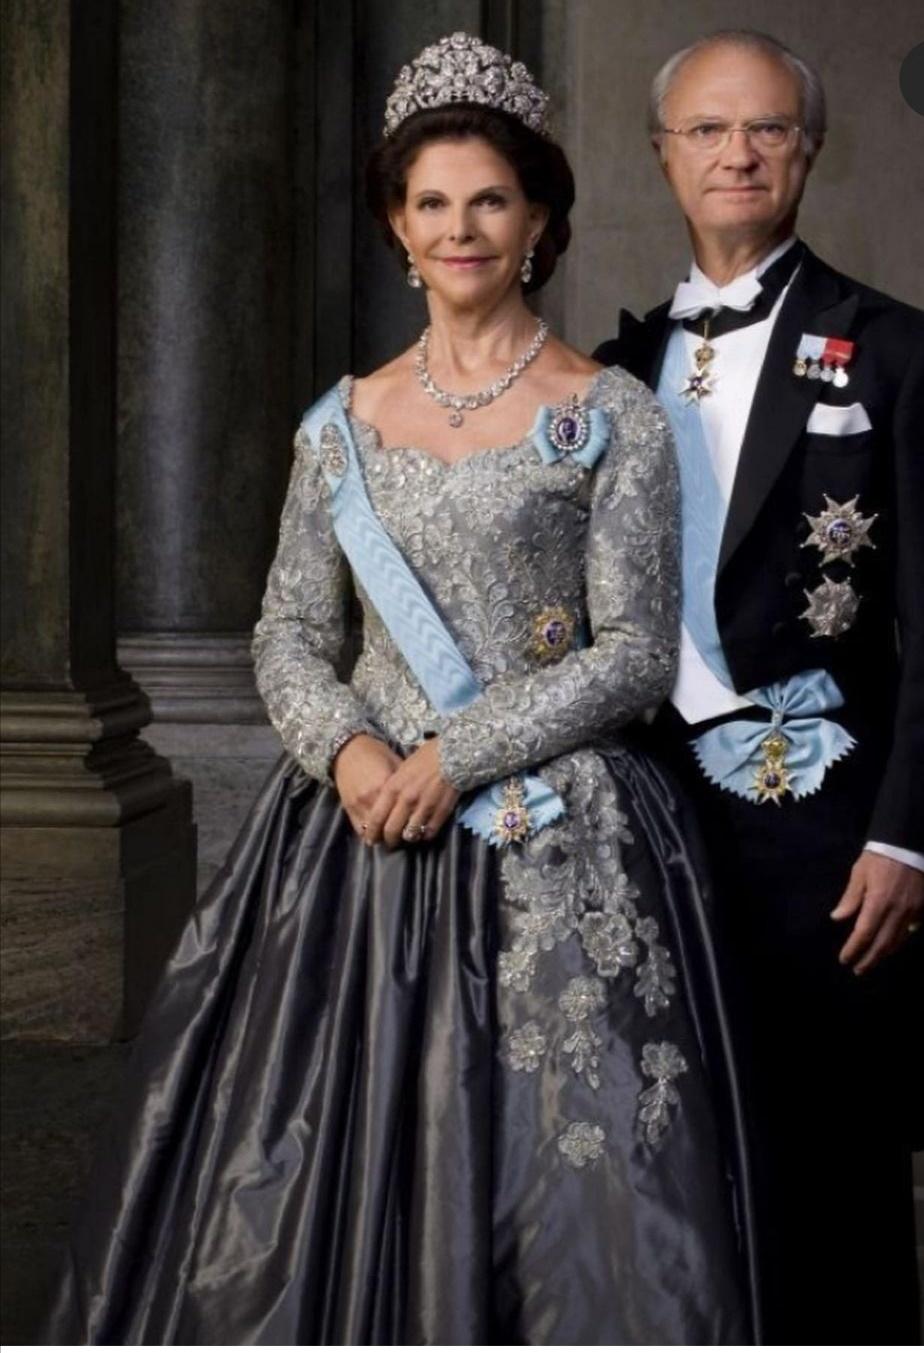 الملك كارل السادس عشر غوستاف والملكة سيلفيا سومرلاث- الصورة من حساب The Sweden royal family على إنستغرام